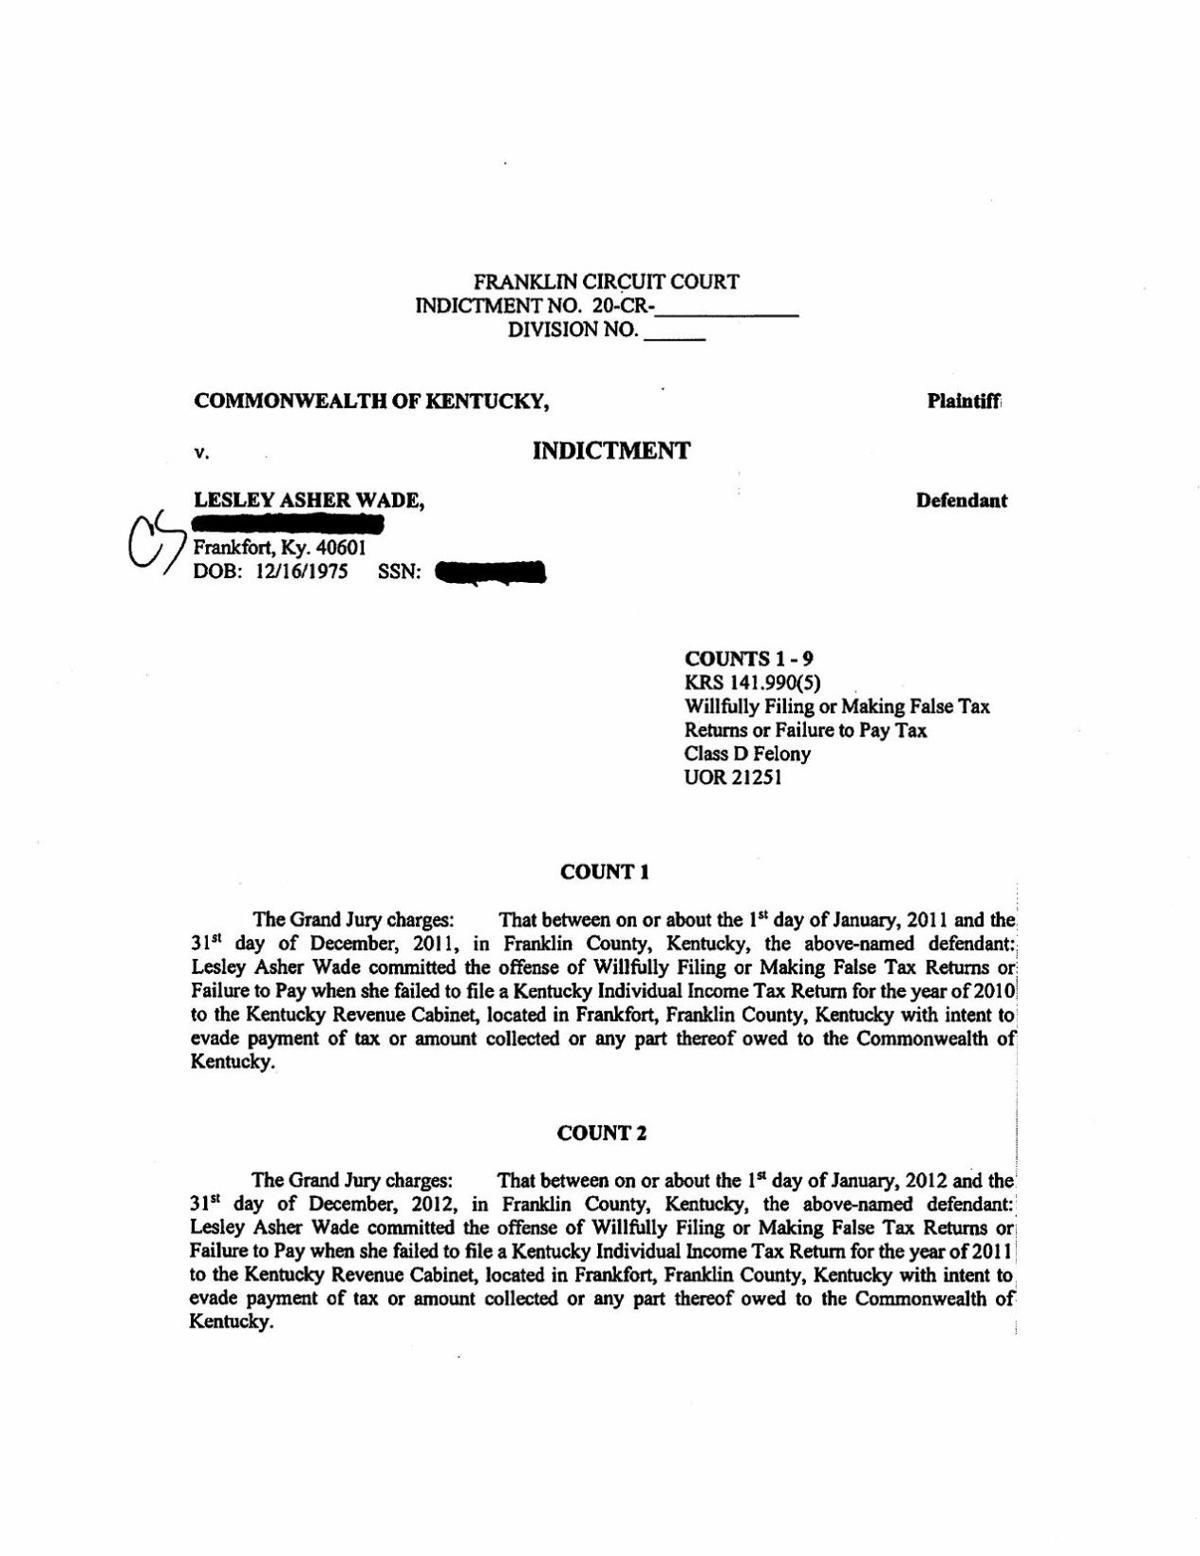 Wade- tax evasion